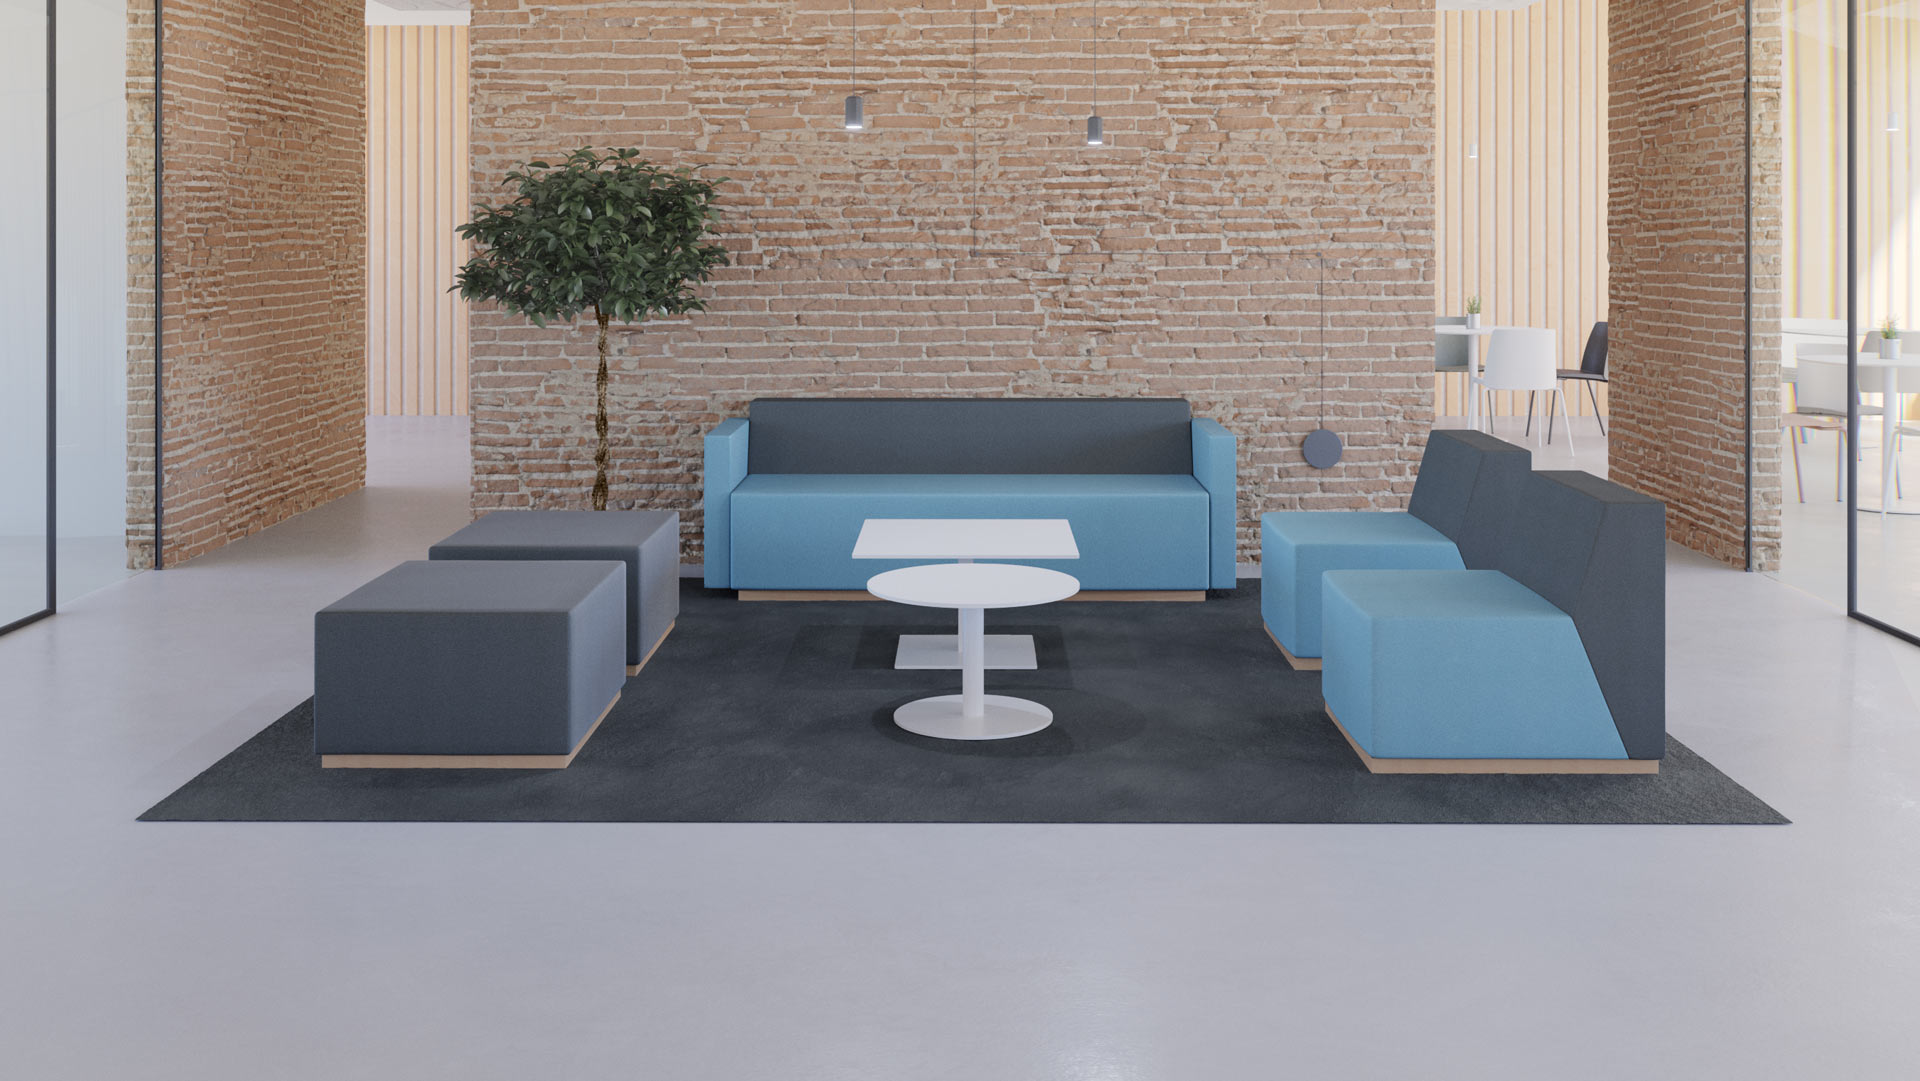 Sillas y sofas para oficina y contract - Limobel inwo